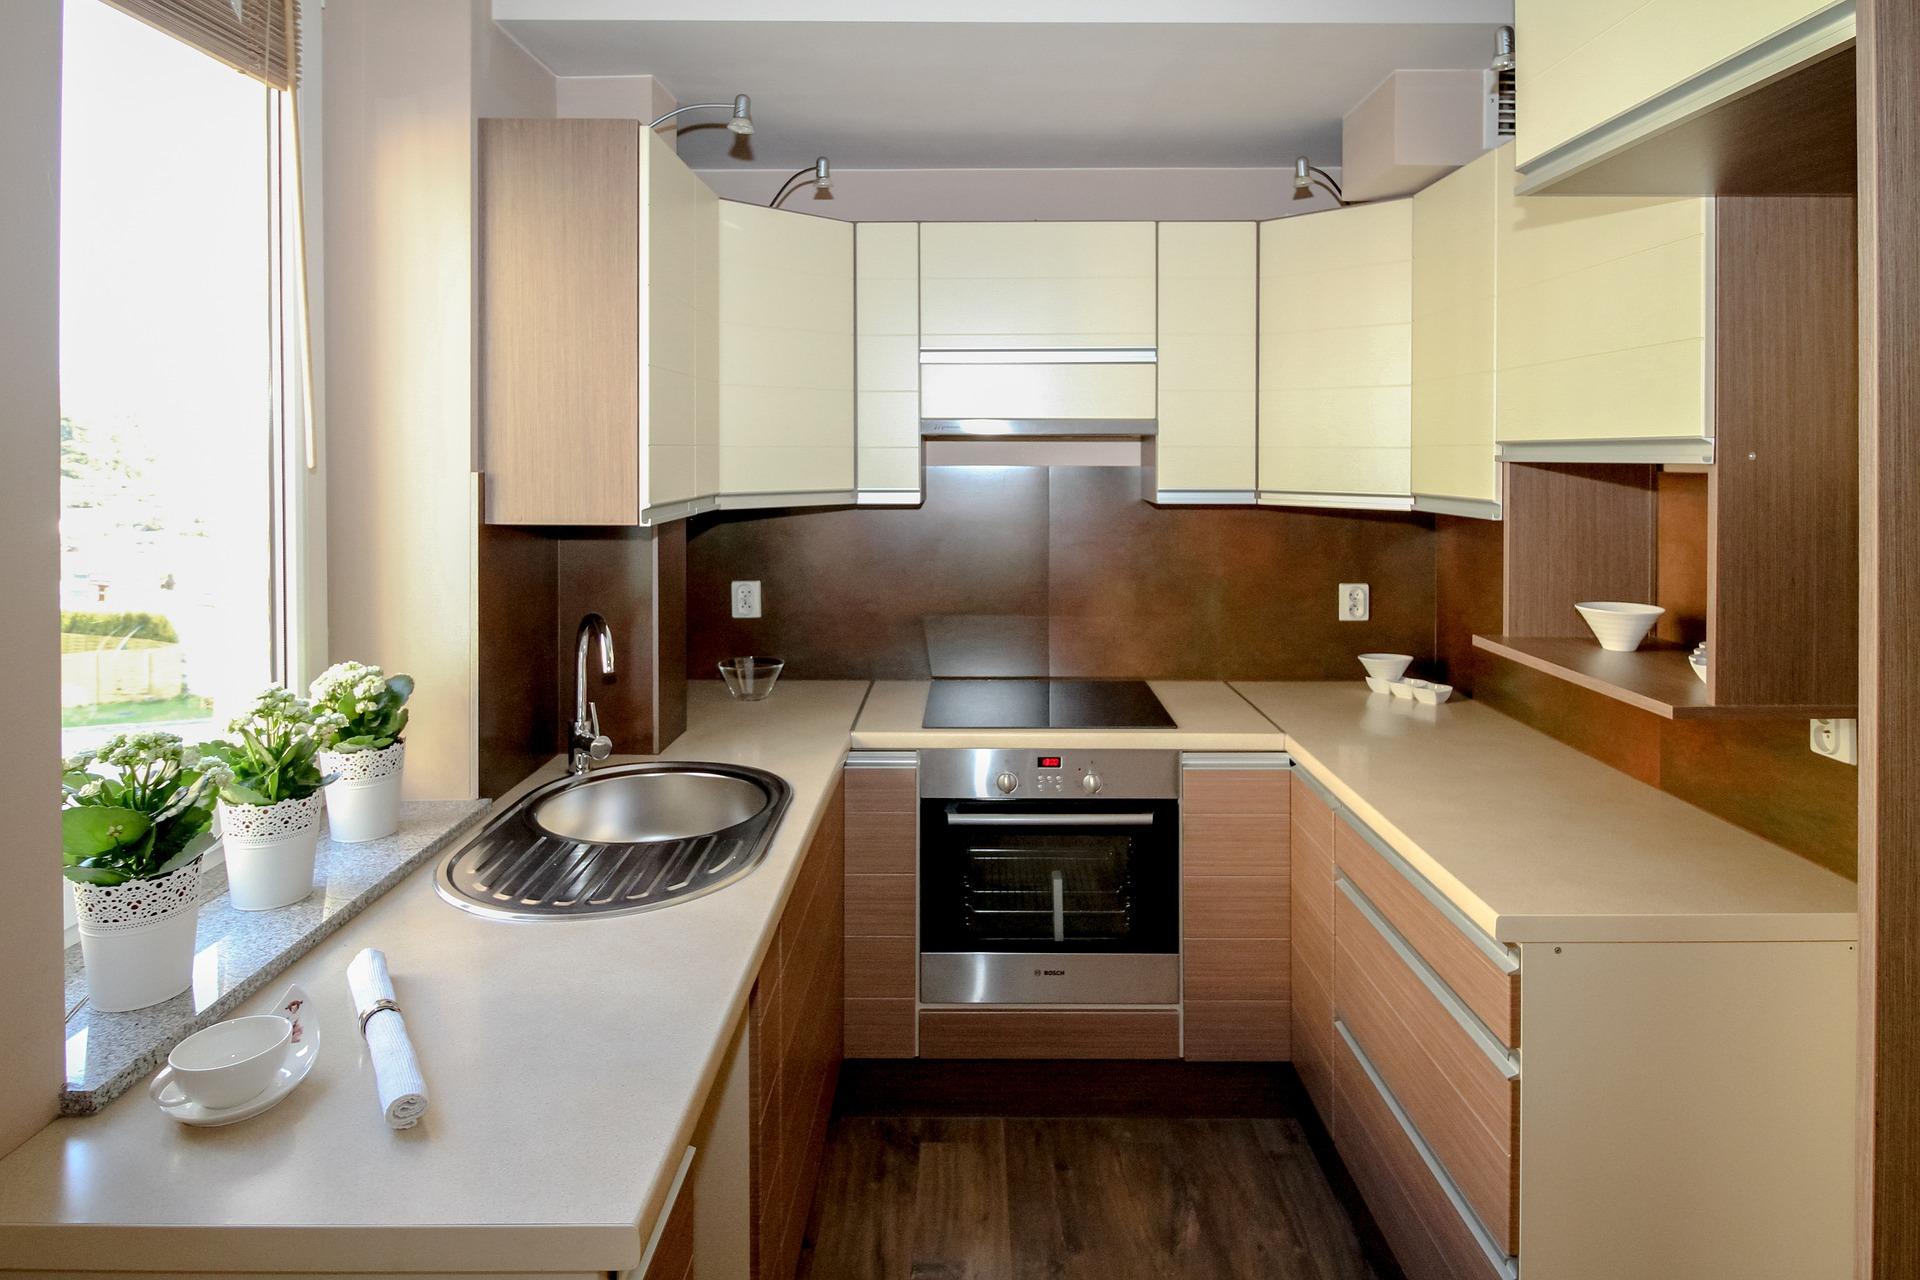 kuchnia w mieszkaniu.jpg